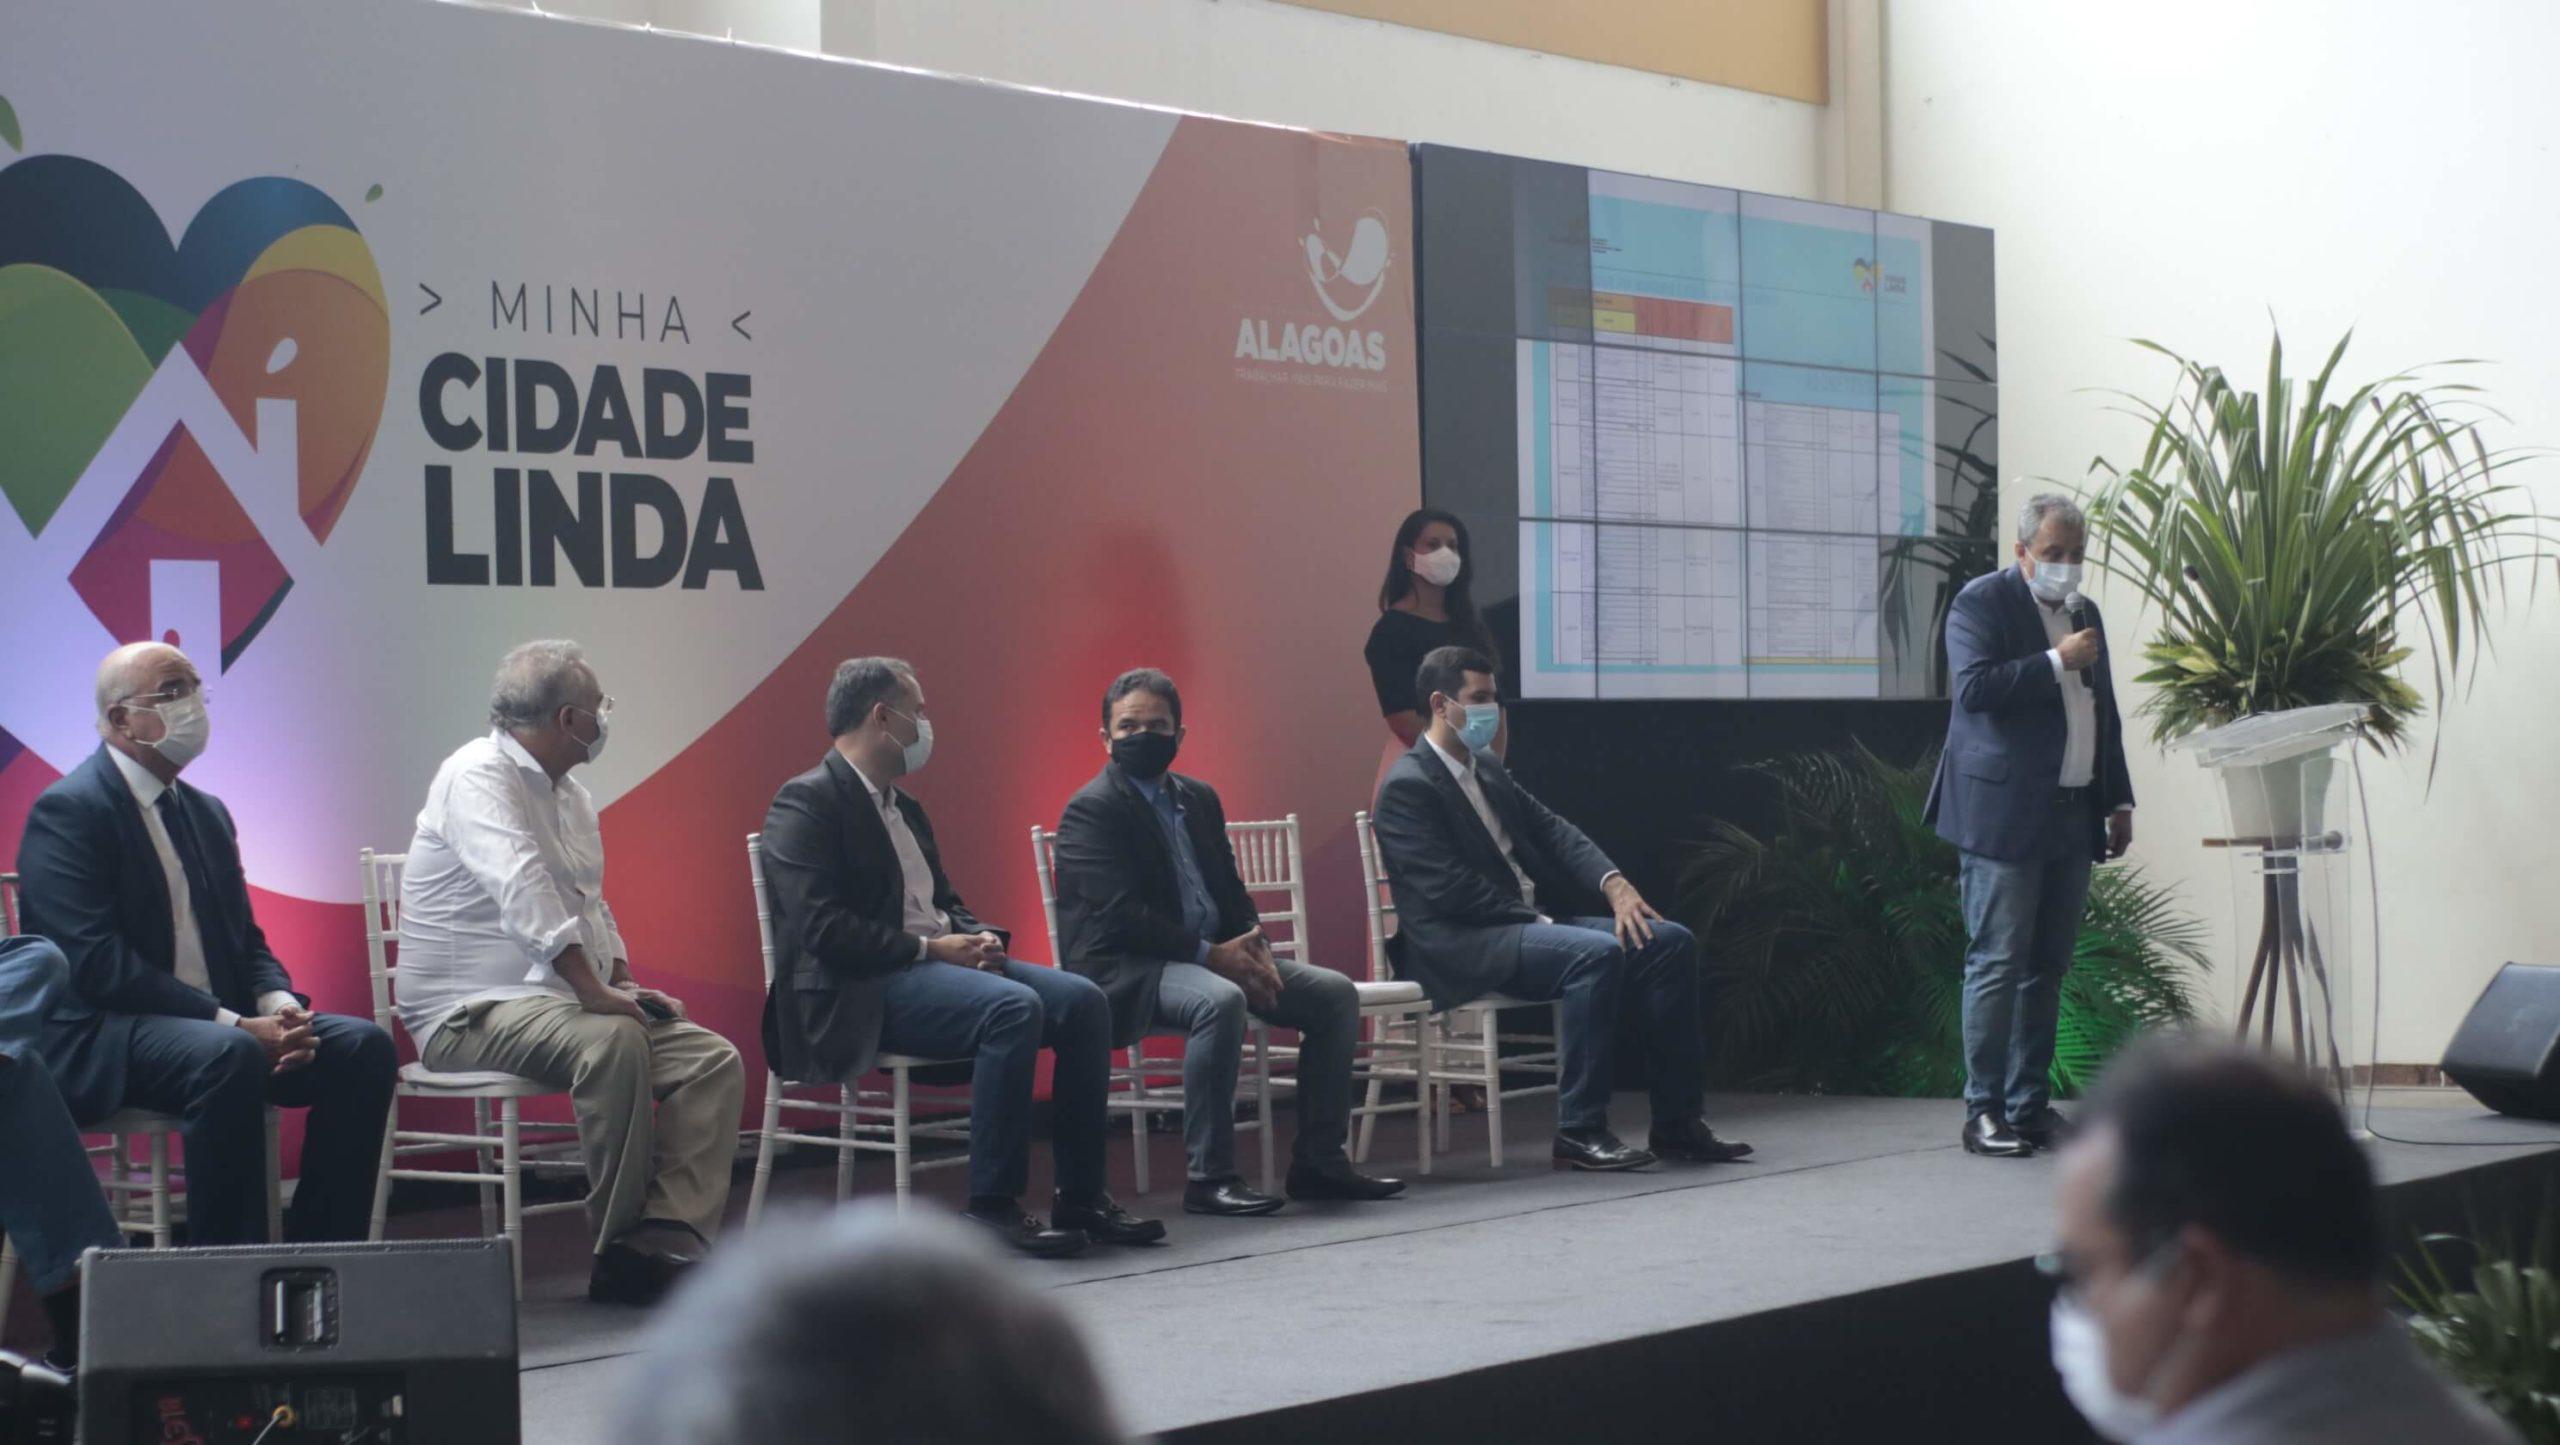 Programa Minha Cidade Linda - Governo de Alagoas [2021]